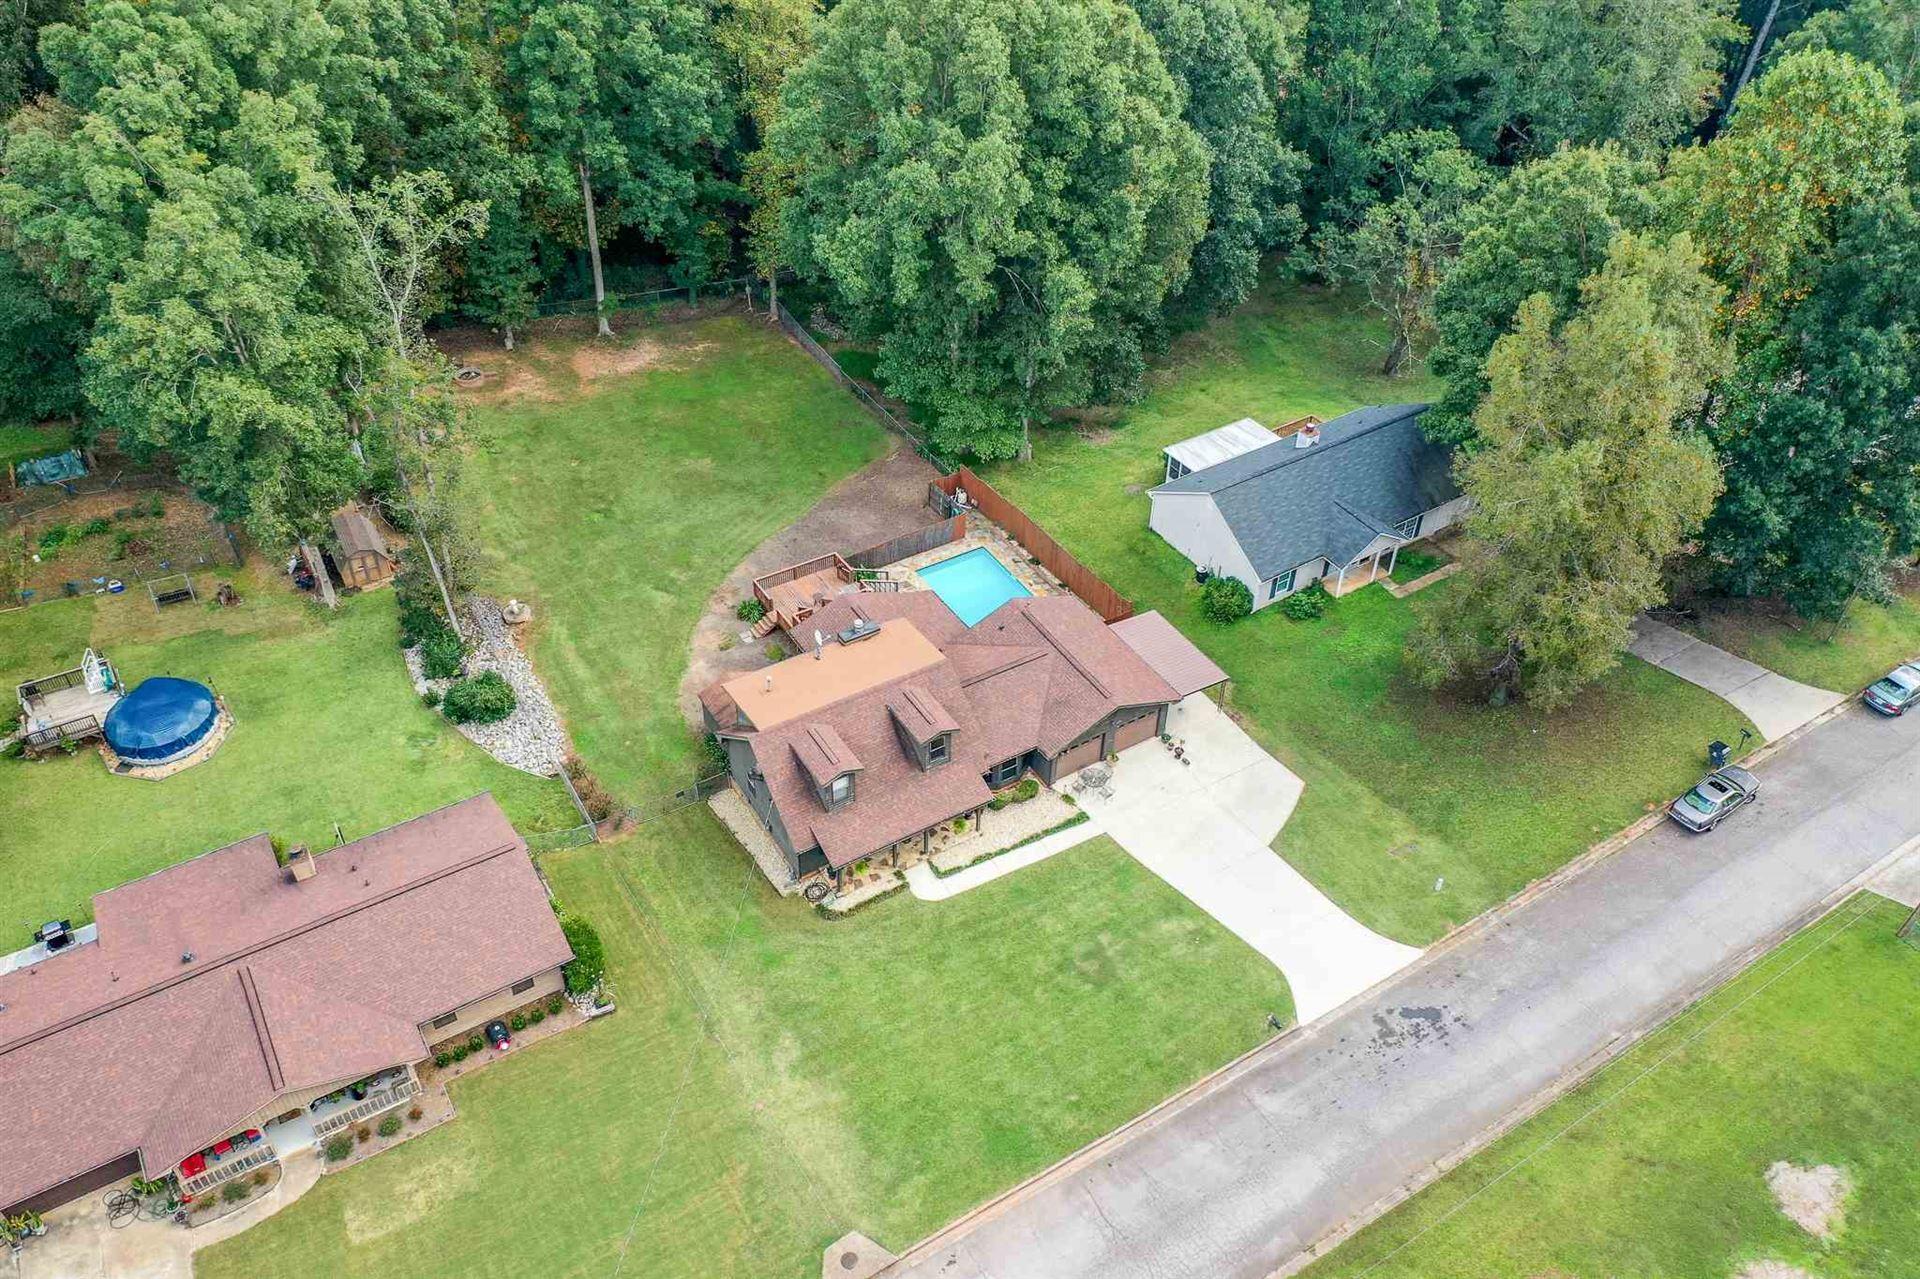 104 Belair Ln, Stockbridge, GA 30281 - MLS#: 8878301